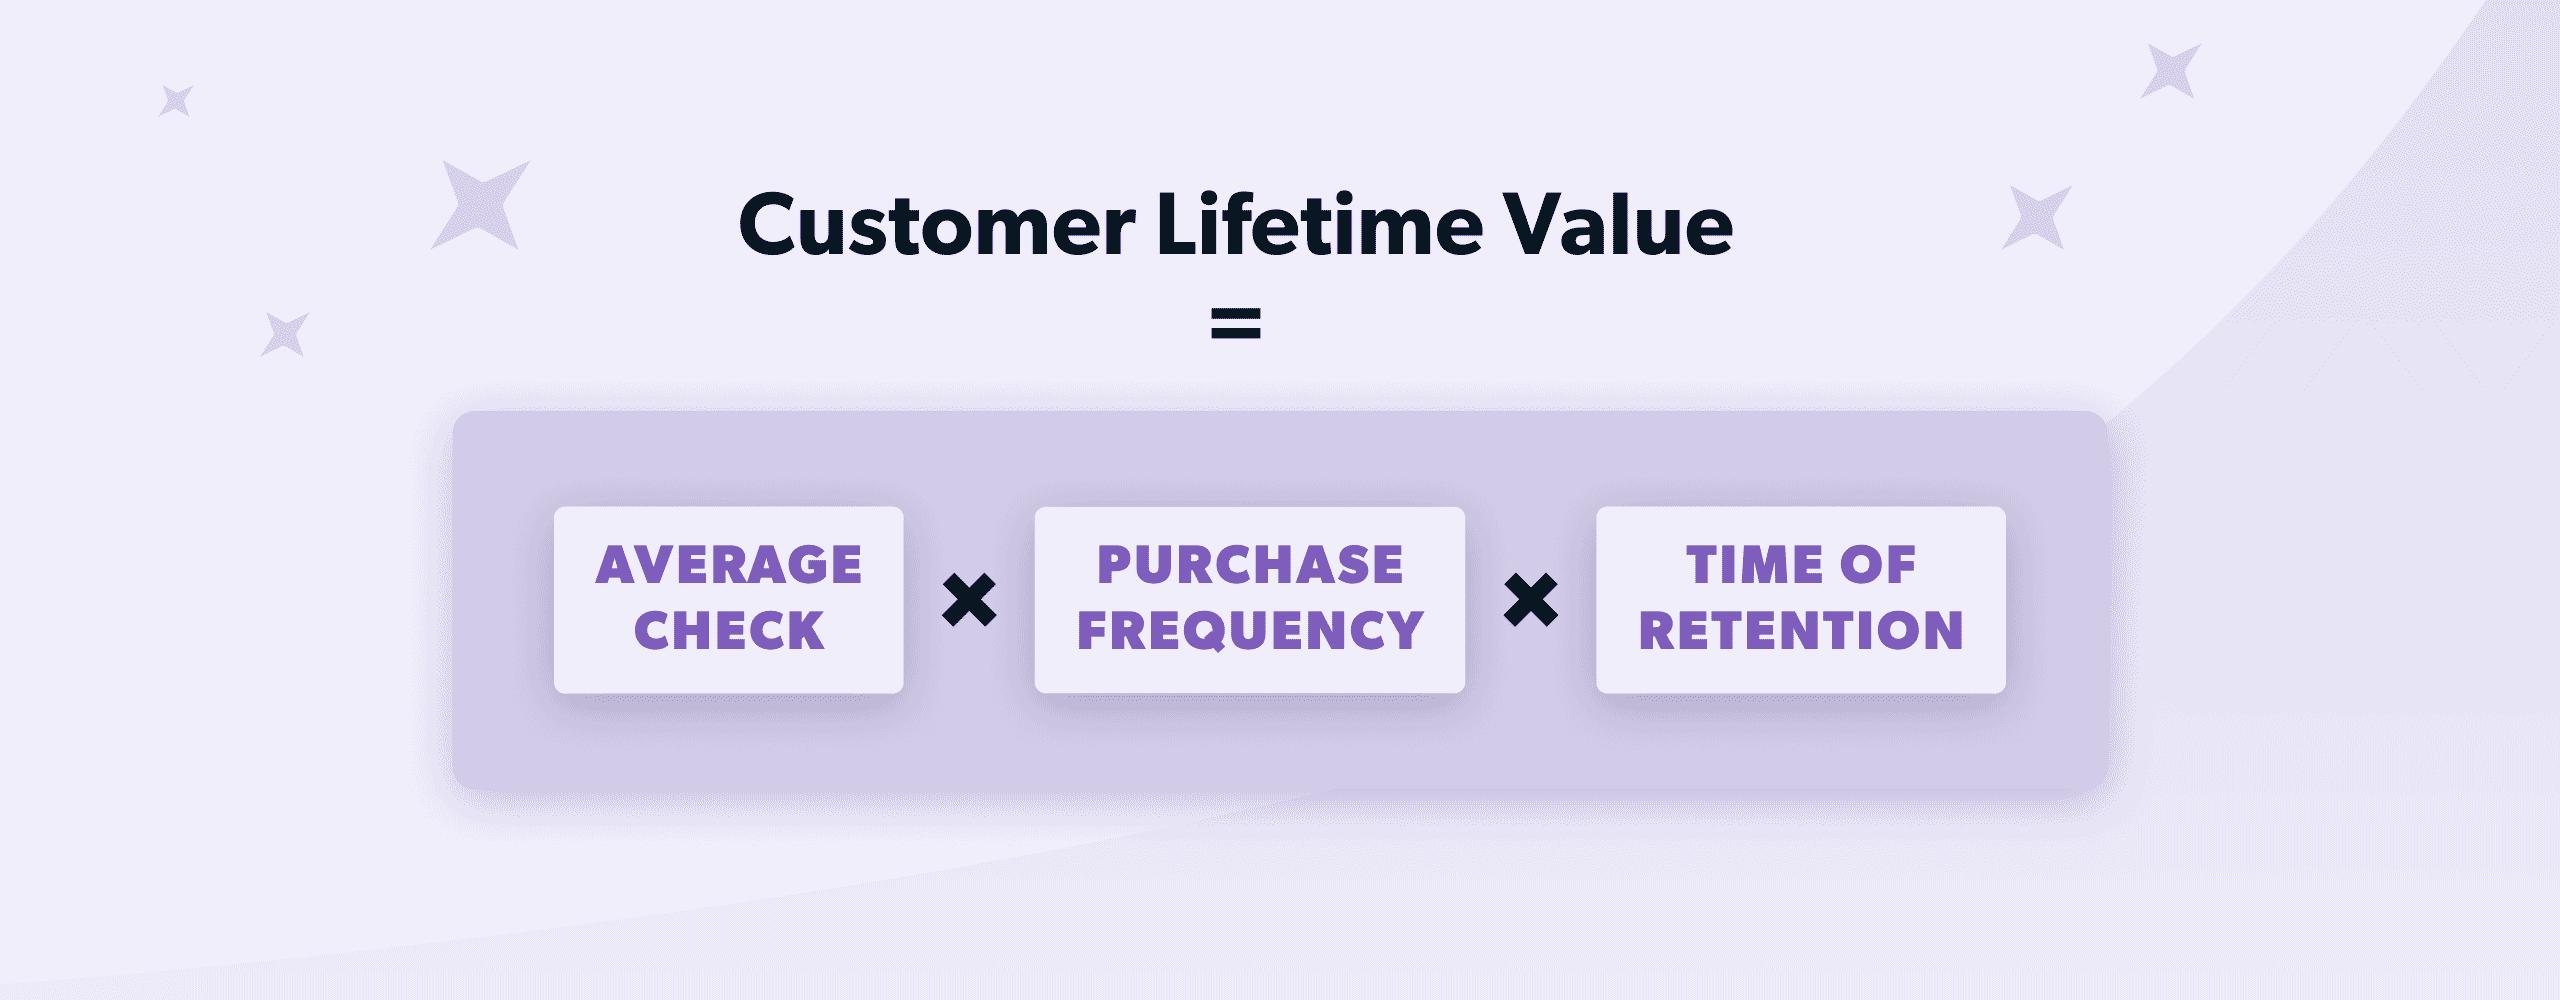 Customer Lifetime Value formula visualized